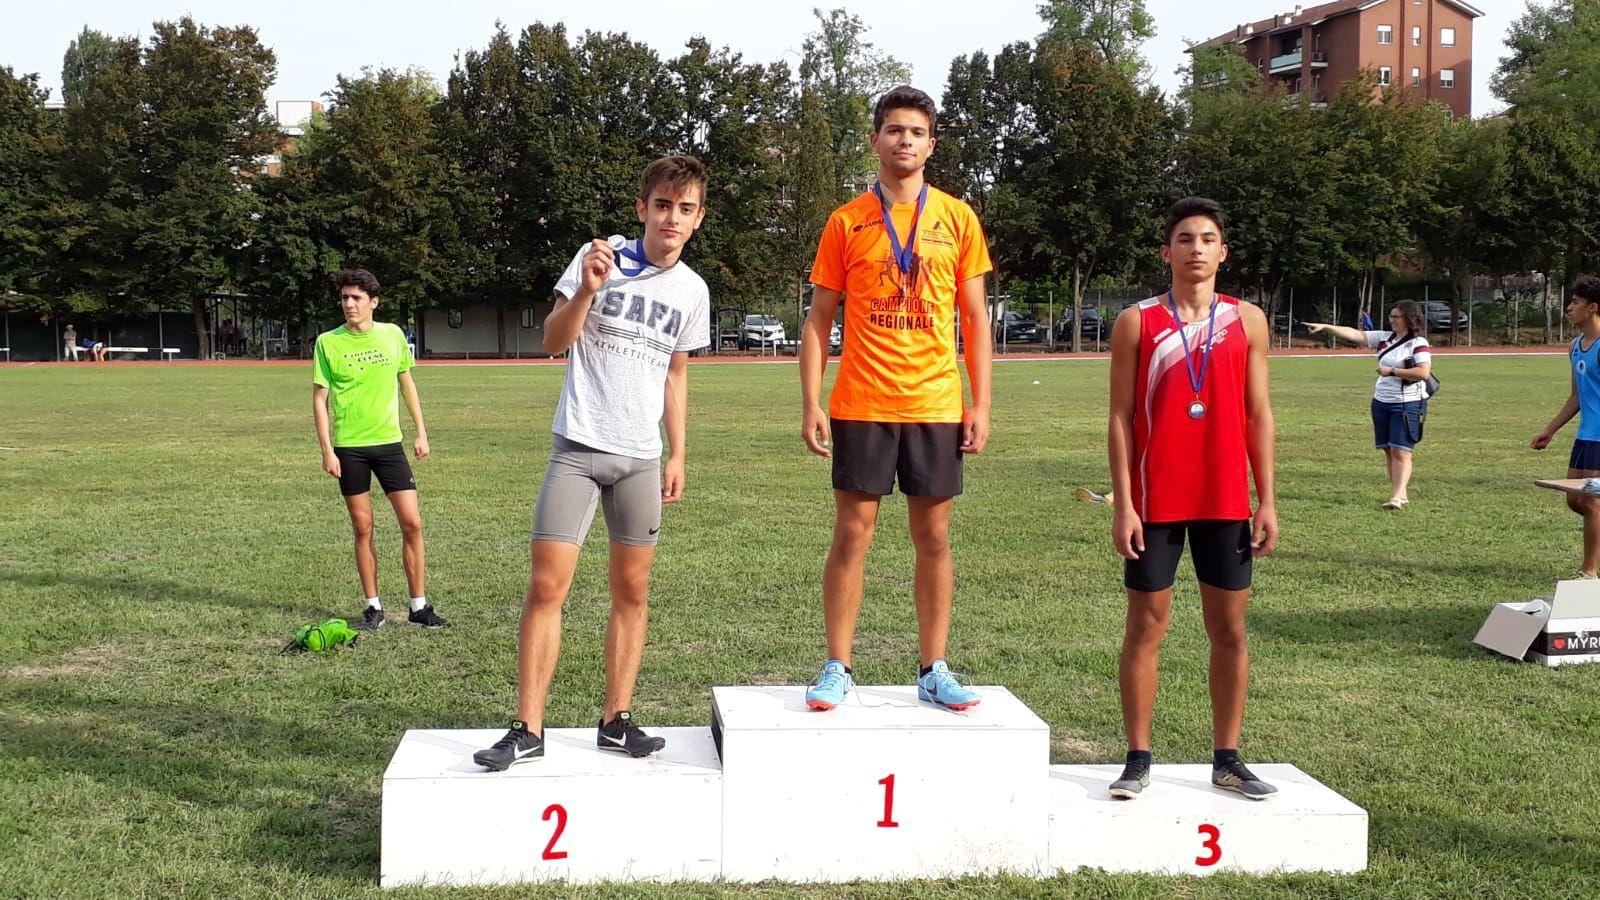 ATLETICA LEGGERA - Tra i cadetti due titoli regionali conquistati dall'Atletica Canavesana